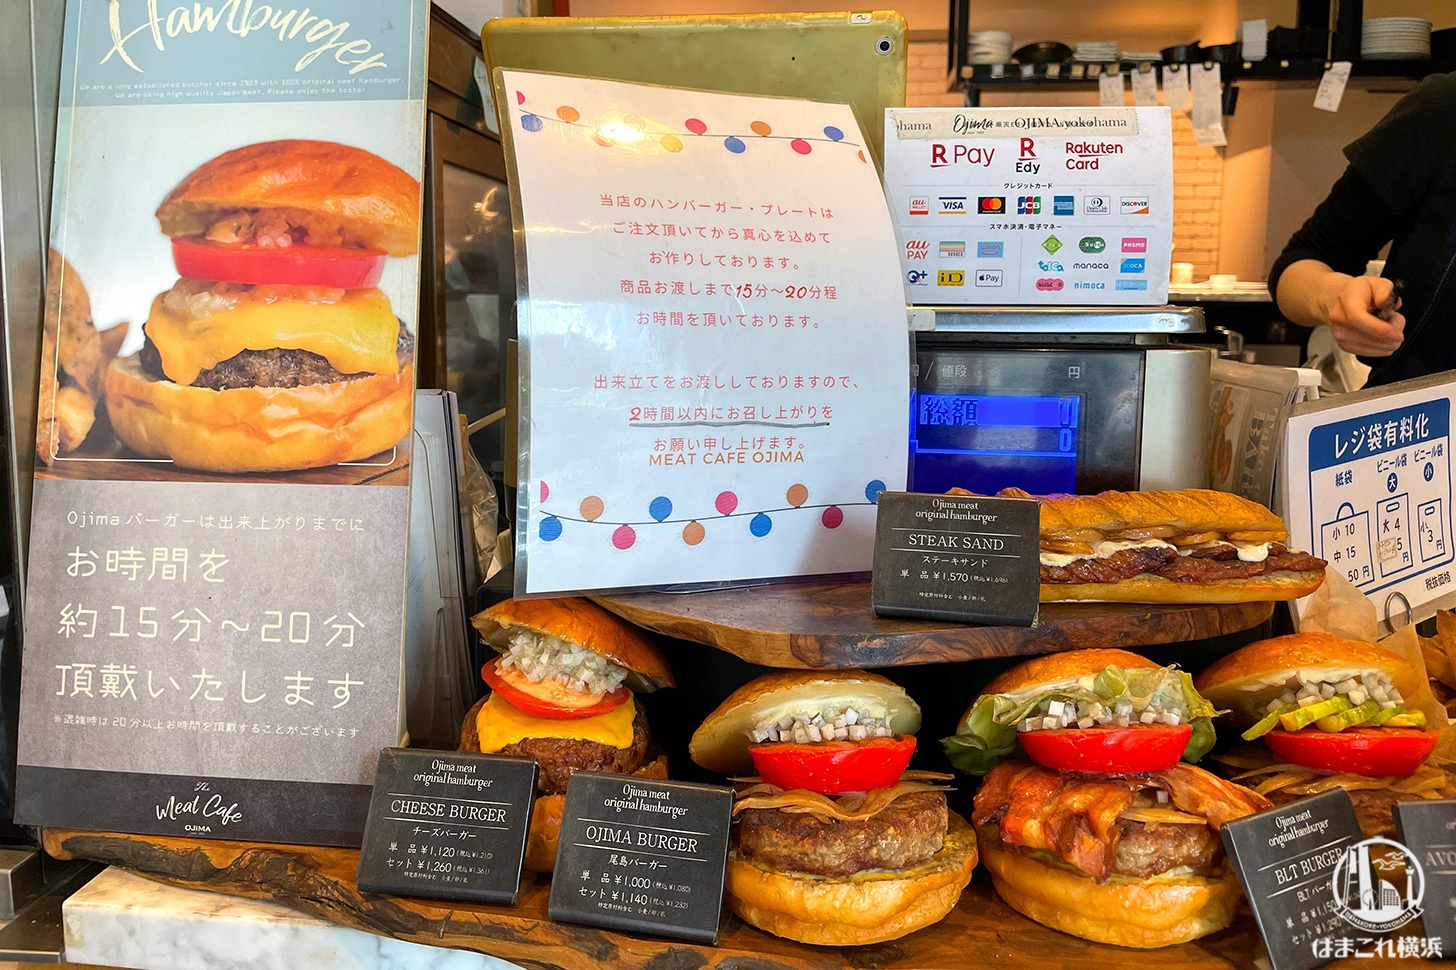 ミートカフェオジマ ハンバーガーメニュー